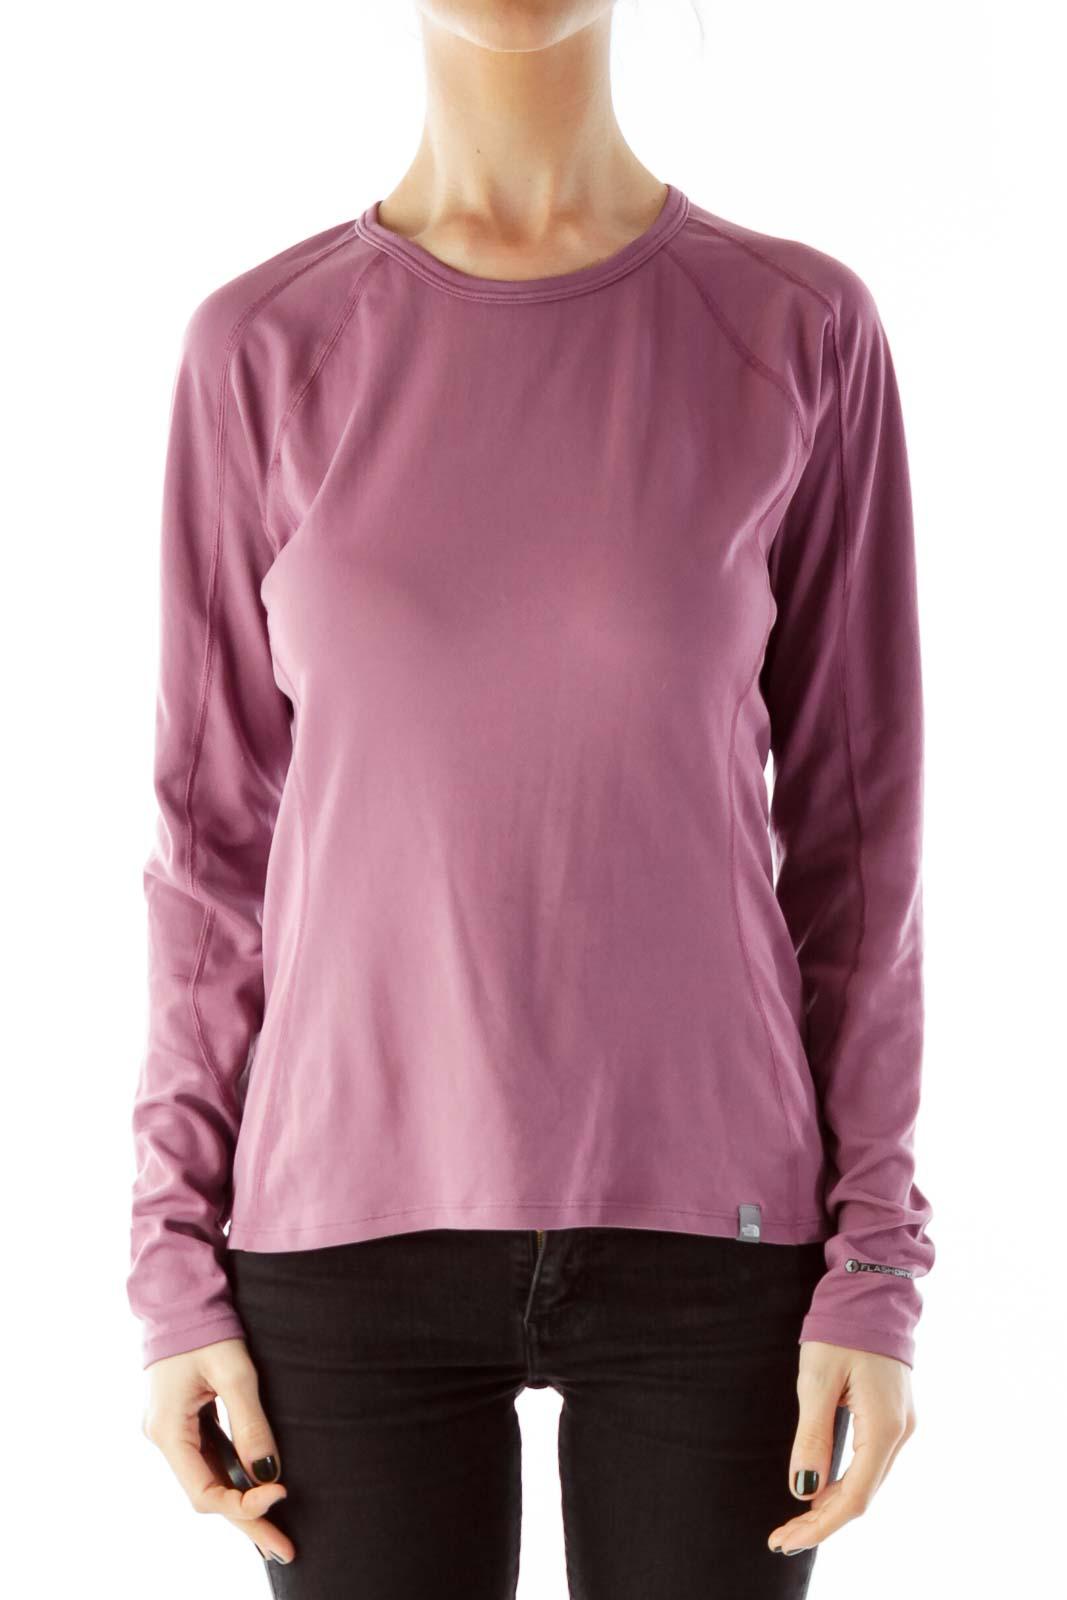 Purple Round Neck Elastic Athletic Top